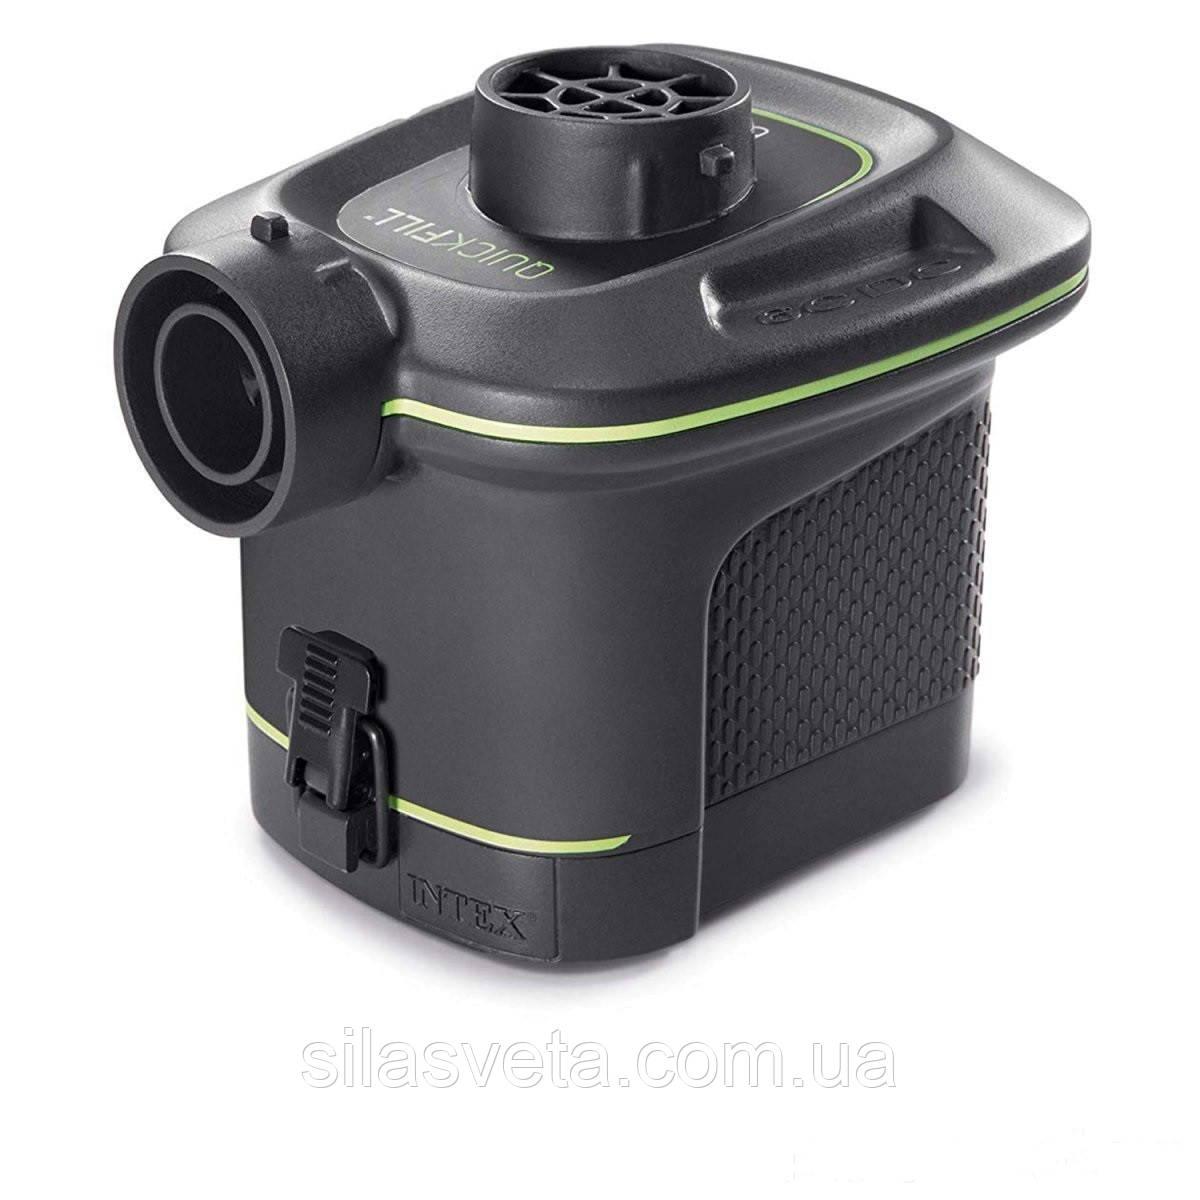 Электрический насос на батарейках с тремя насадками Intex 66638 Quick-Fill  (420 л/мин. 25 Вт.)